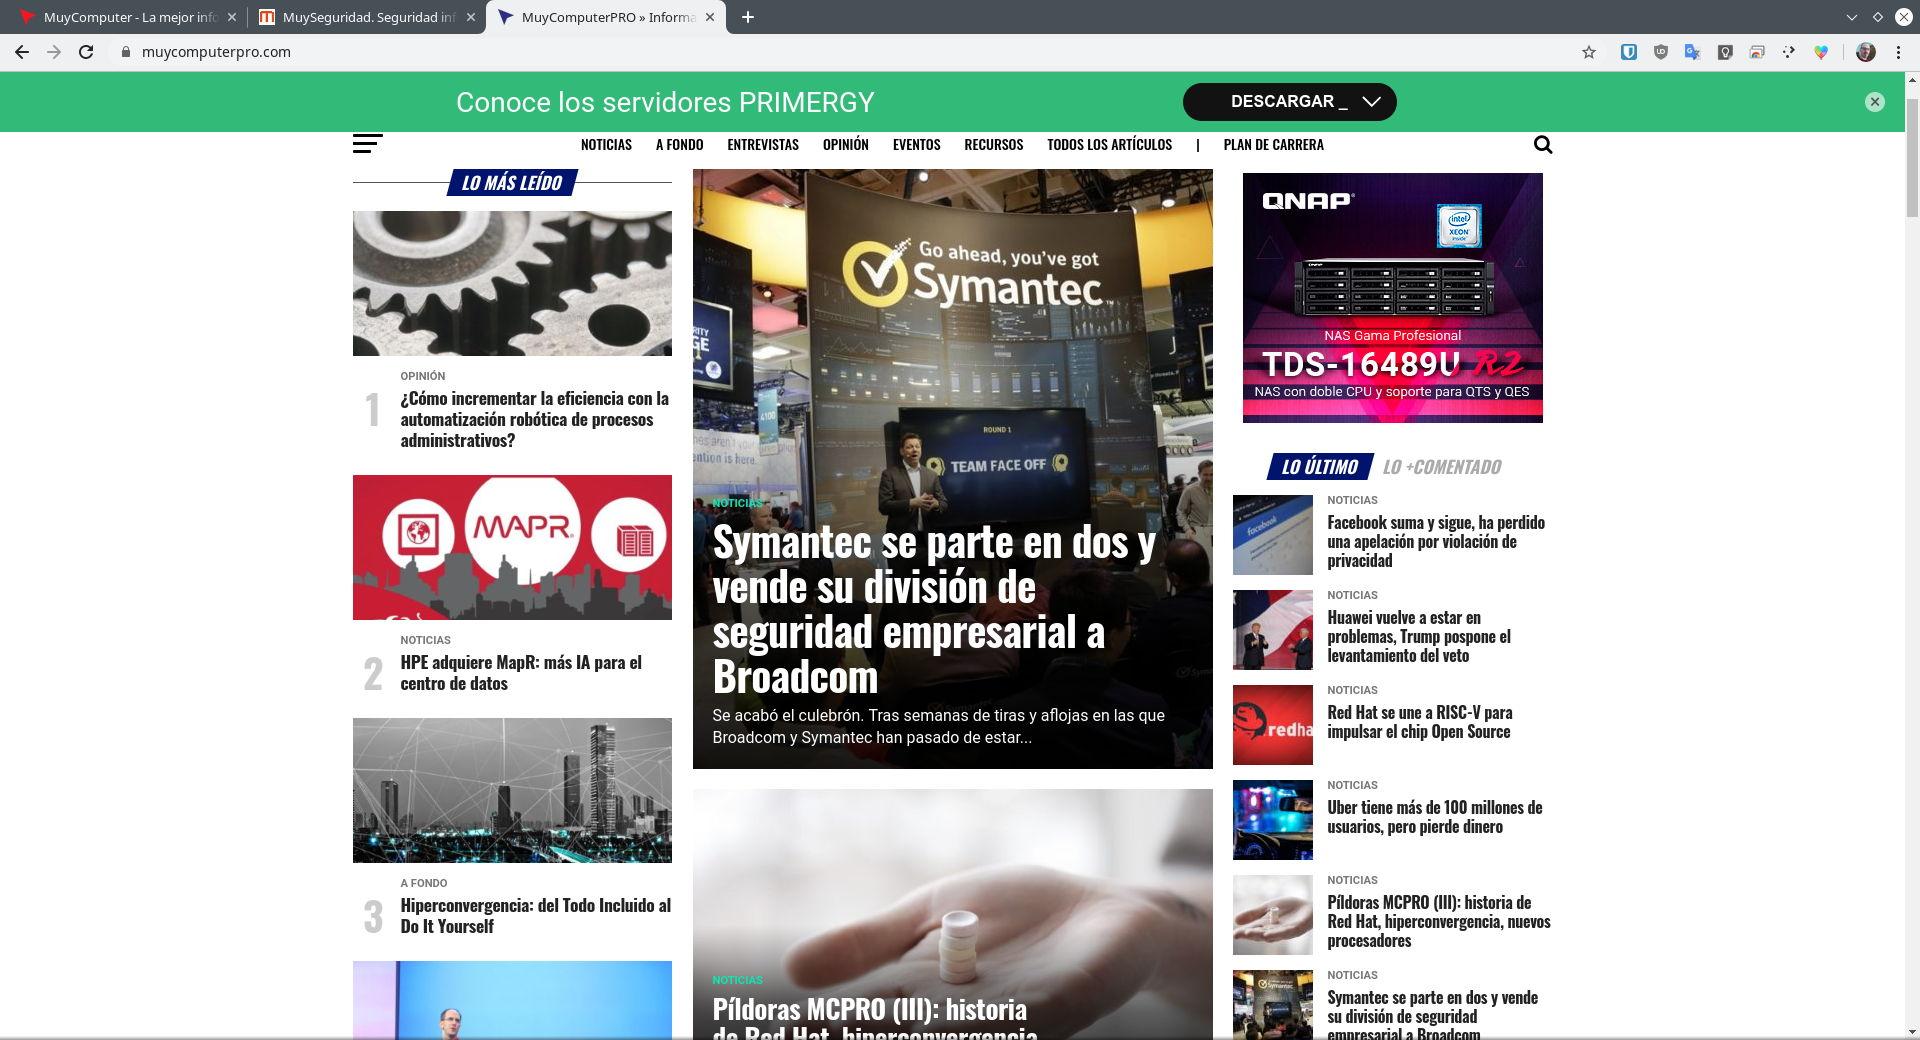 Chrome para Linux cargando MuyComputerPRO, MuySeguridad y MuyComputer